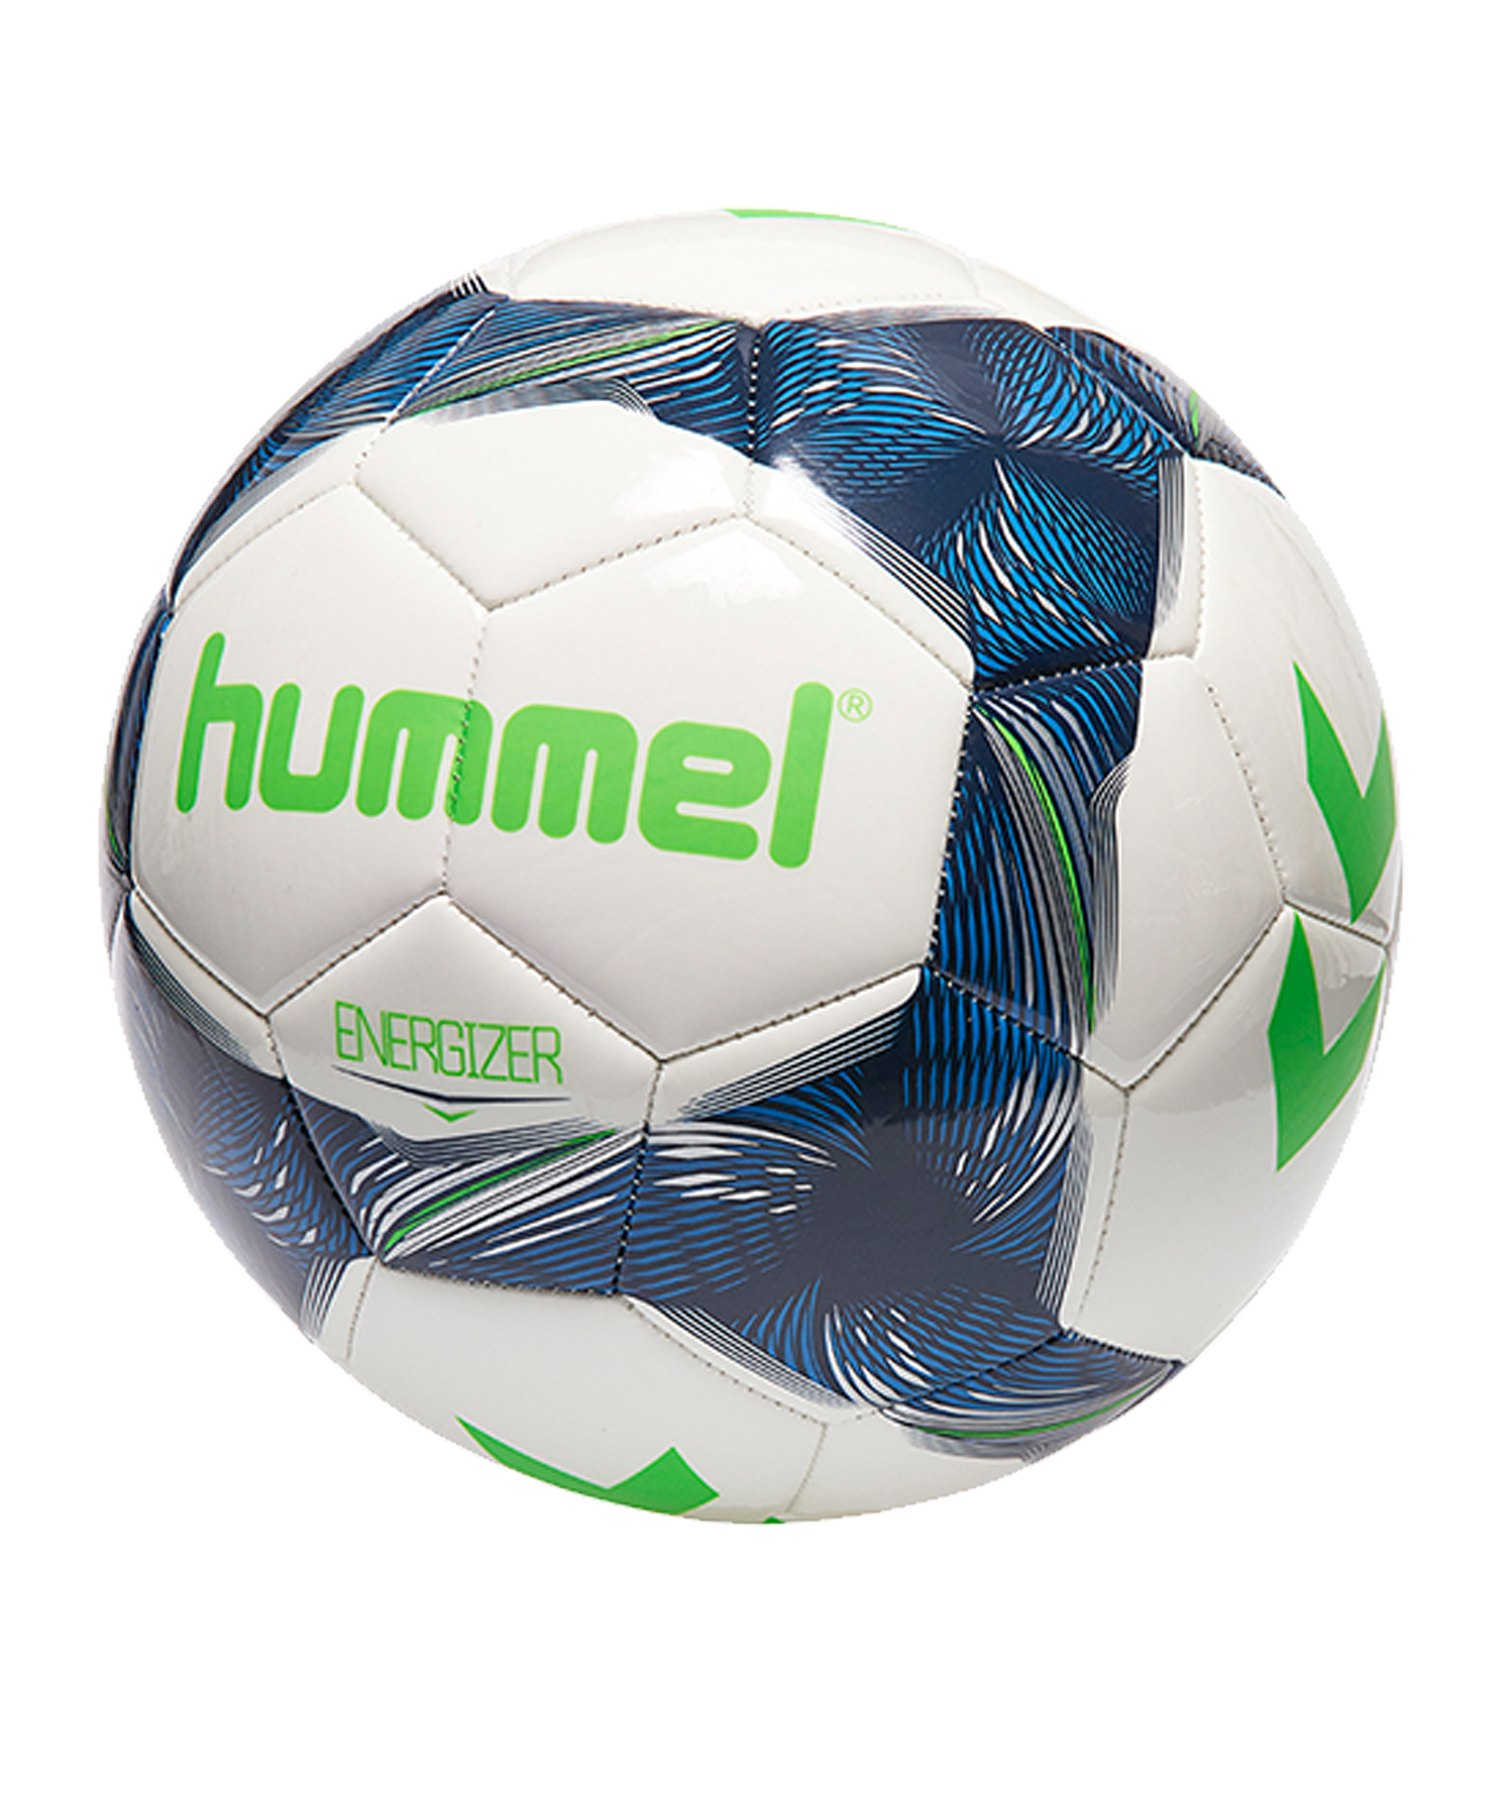 Hummel Energizer Trainingsball Weiss F9813 - Weiss